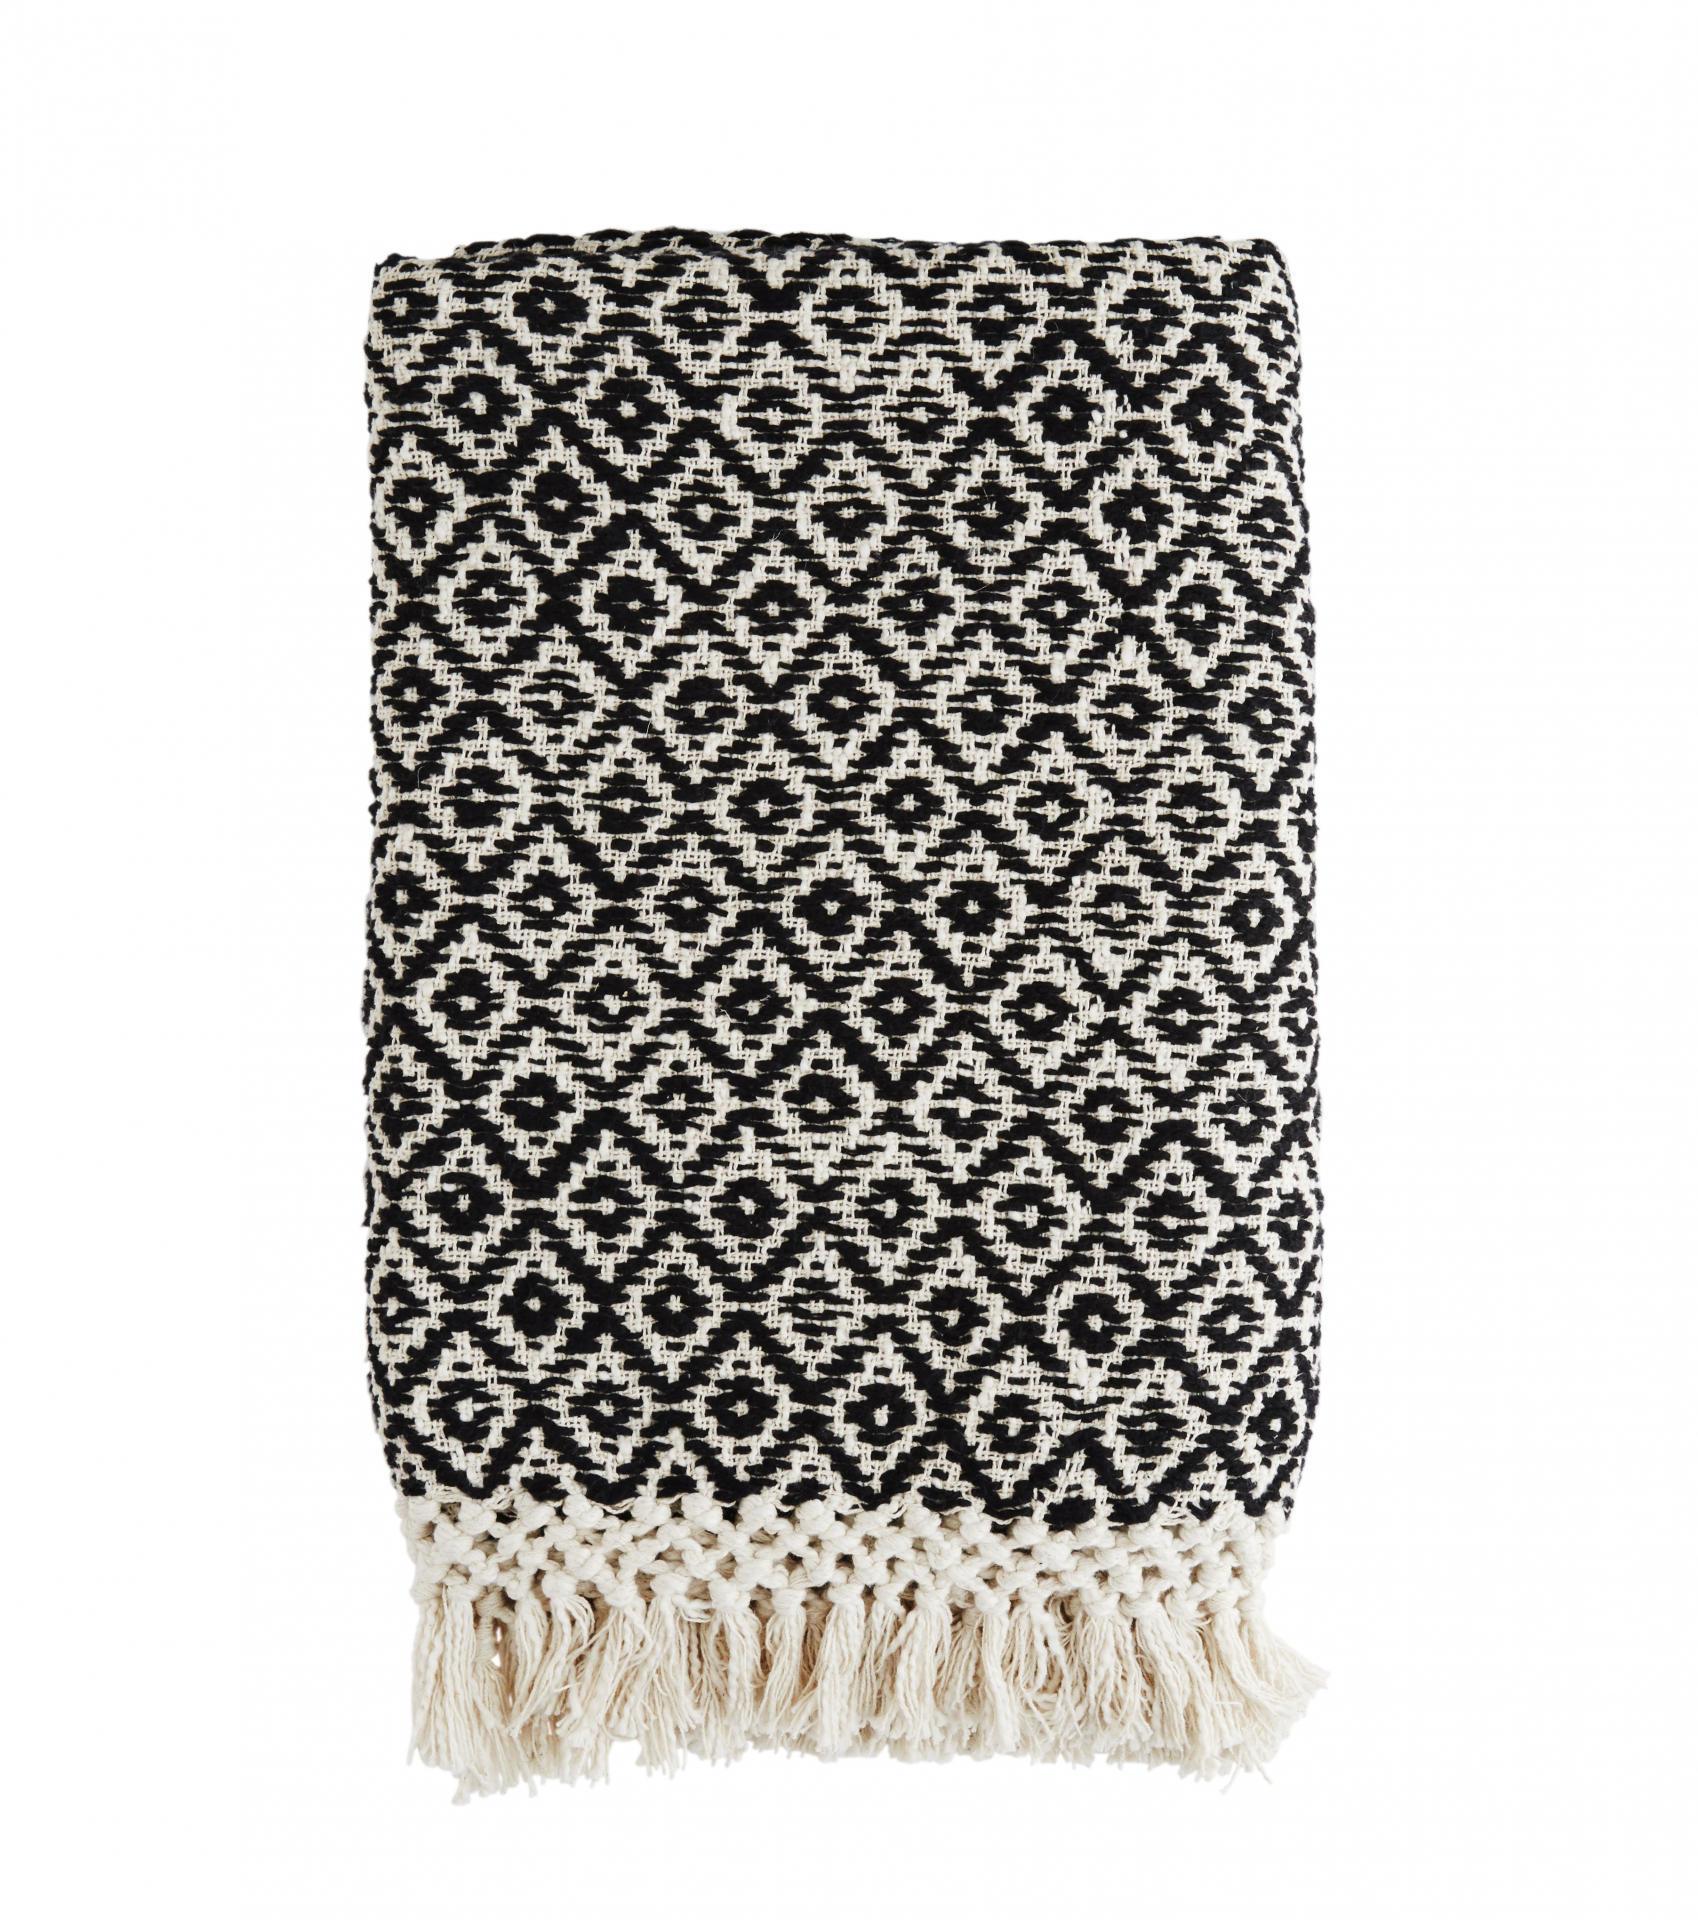 MADAM STOLTZ Ručně tkaný bavlněný pléd 120x170 cm, černá barva, krémová barva, textil